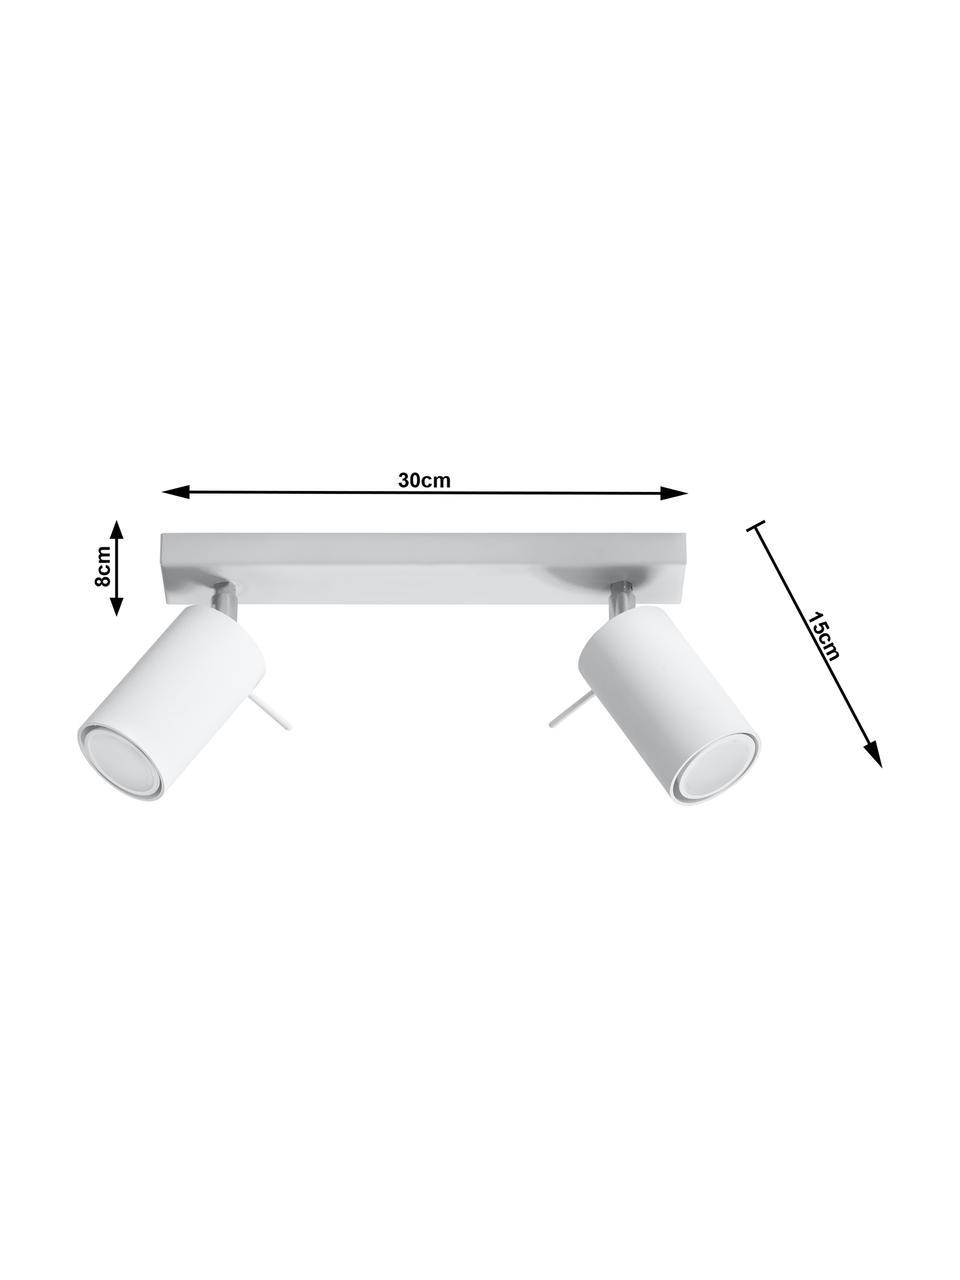 Deckenstrahler Etna in Weiß, Baldachin: Stahl, lackiert, Weiß, 30 x 15 cm